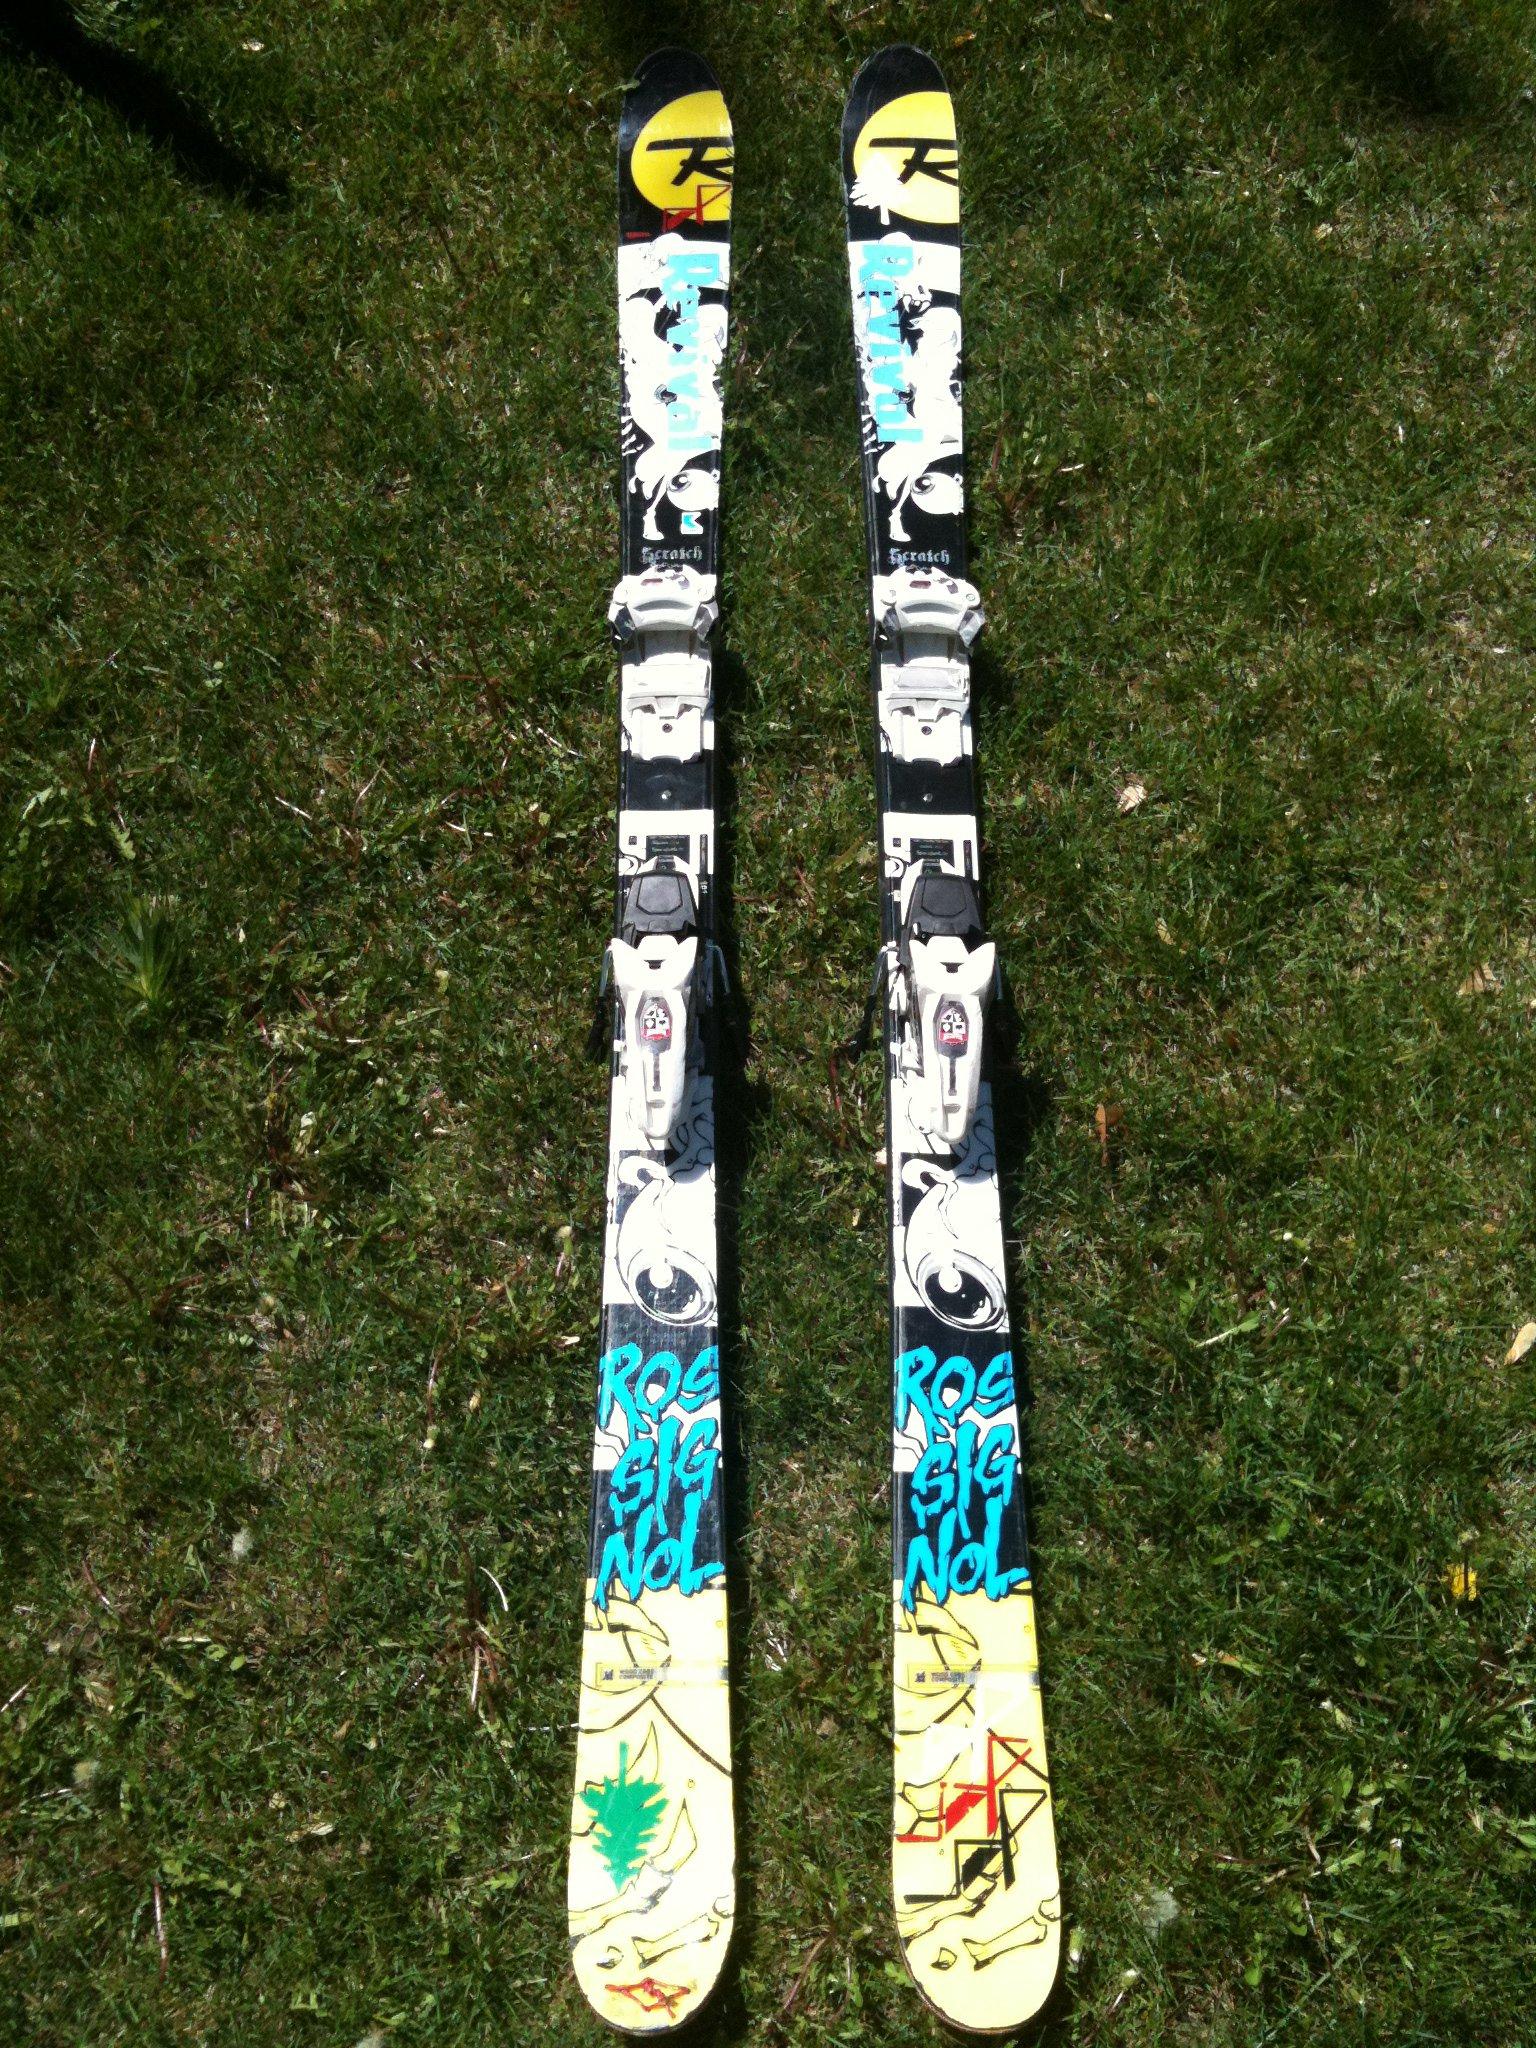 181 Rossignol Scratch w/ Marker Griffon bindings